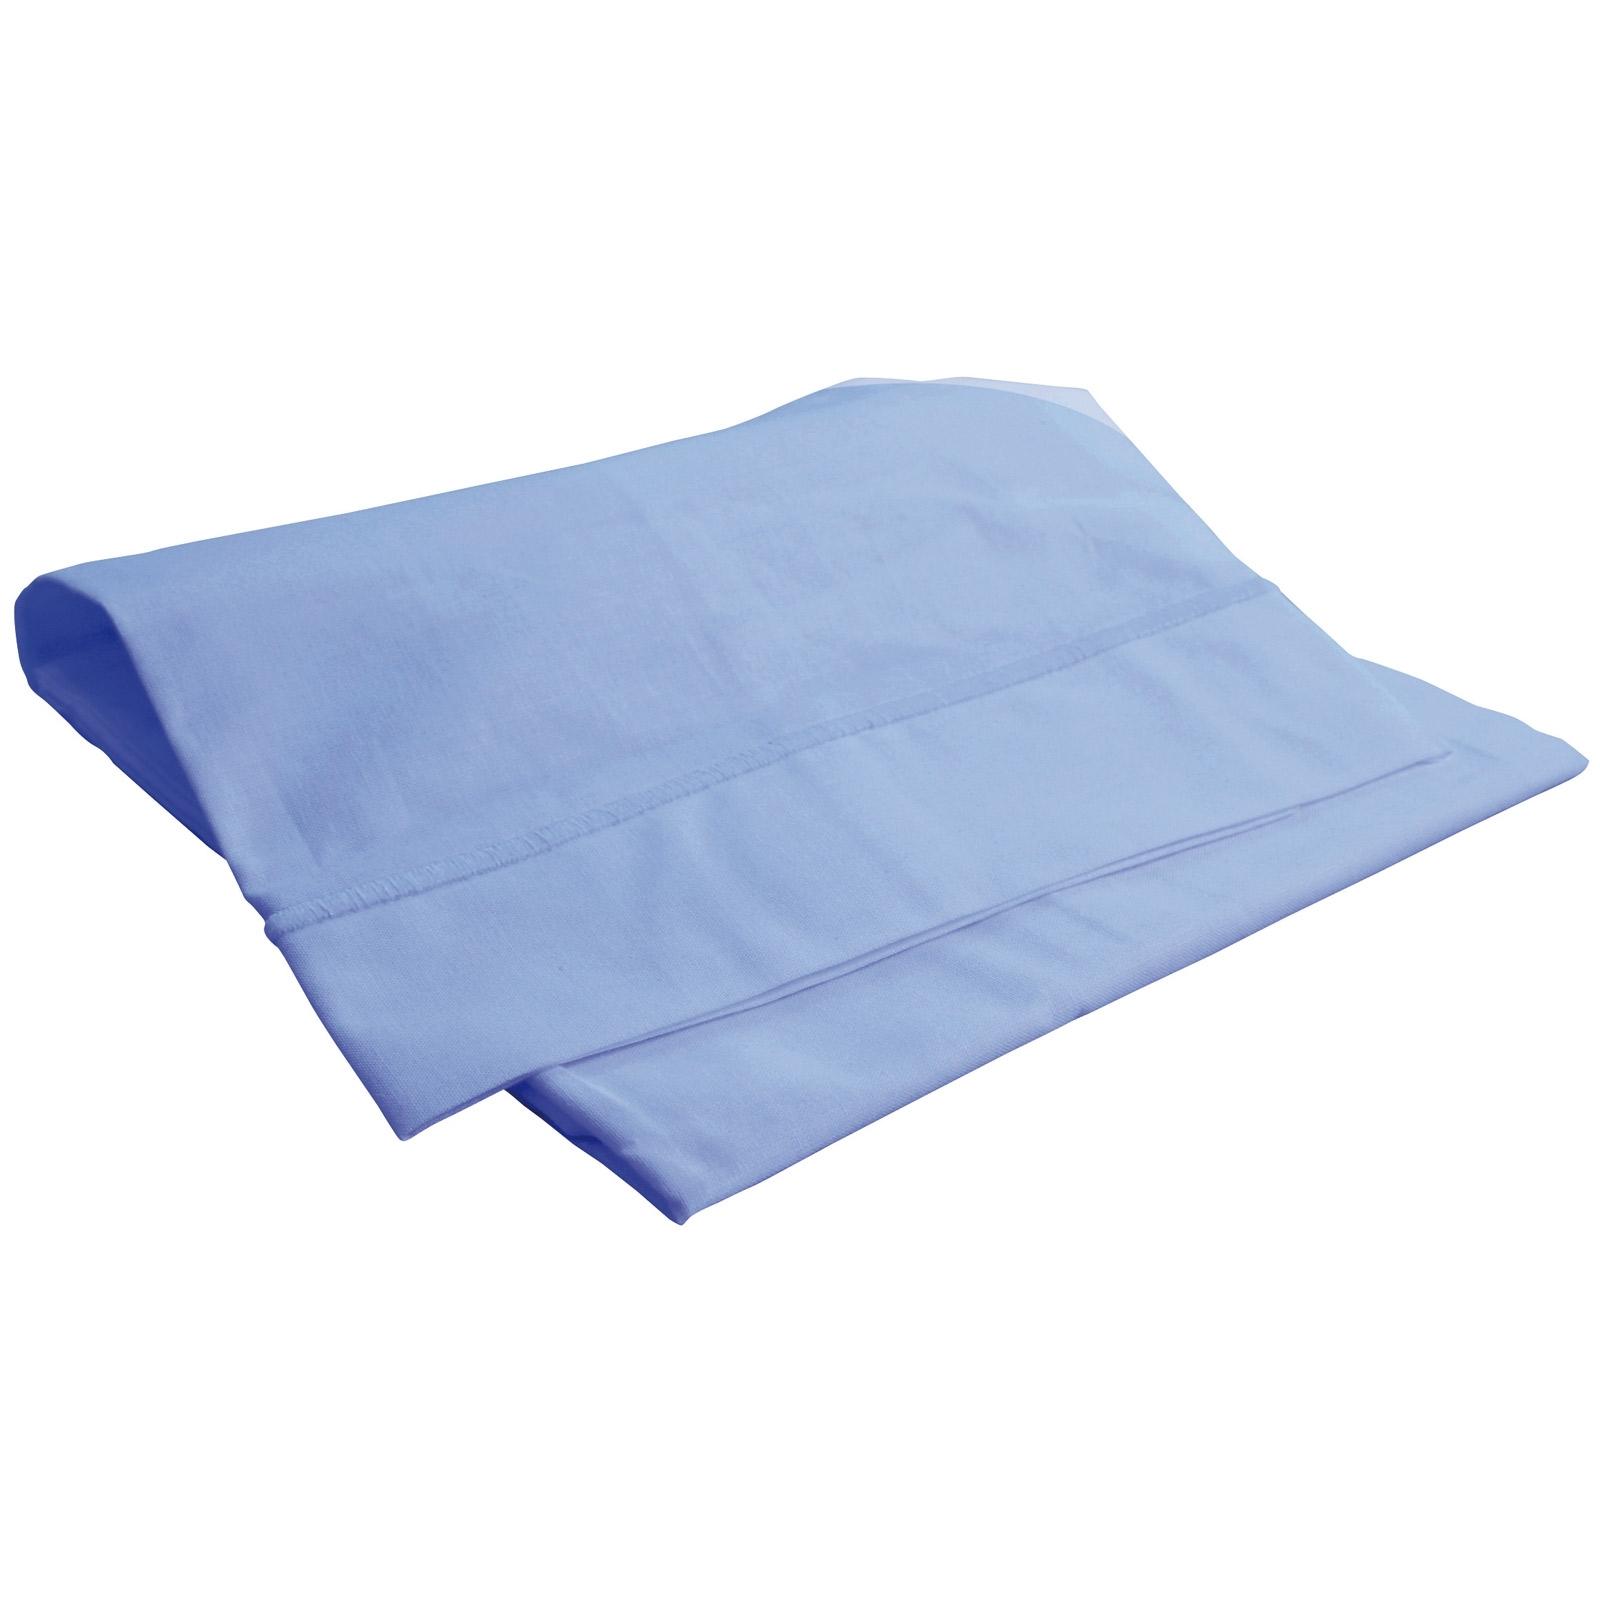 Taie d 39 oreiller bleu ciel doux nid - Ciel de lit bleu ...